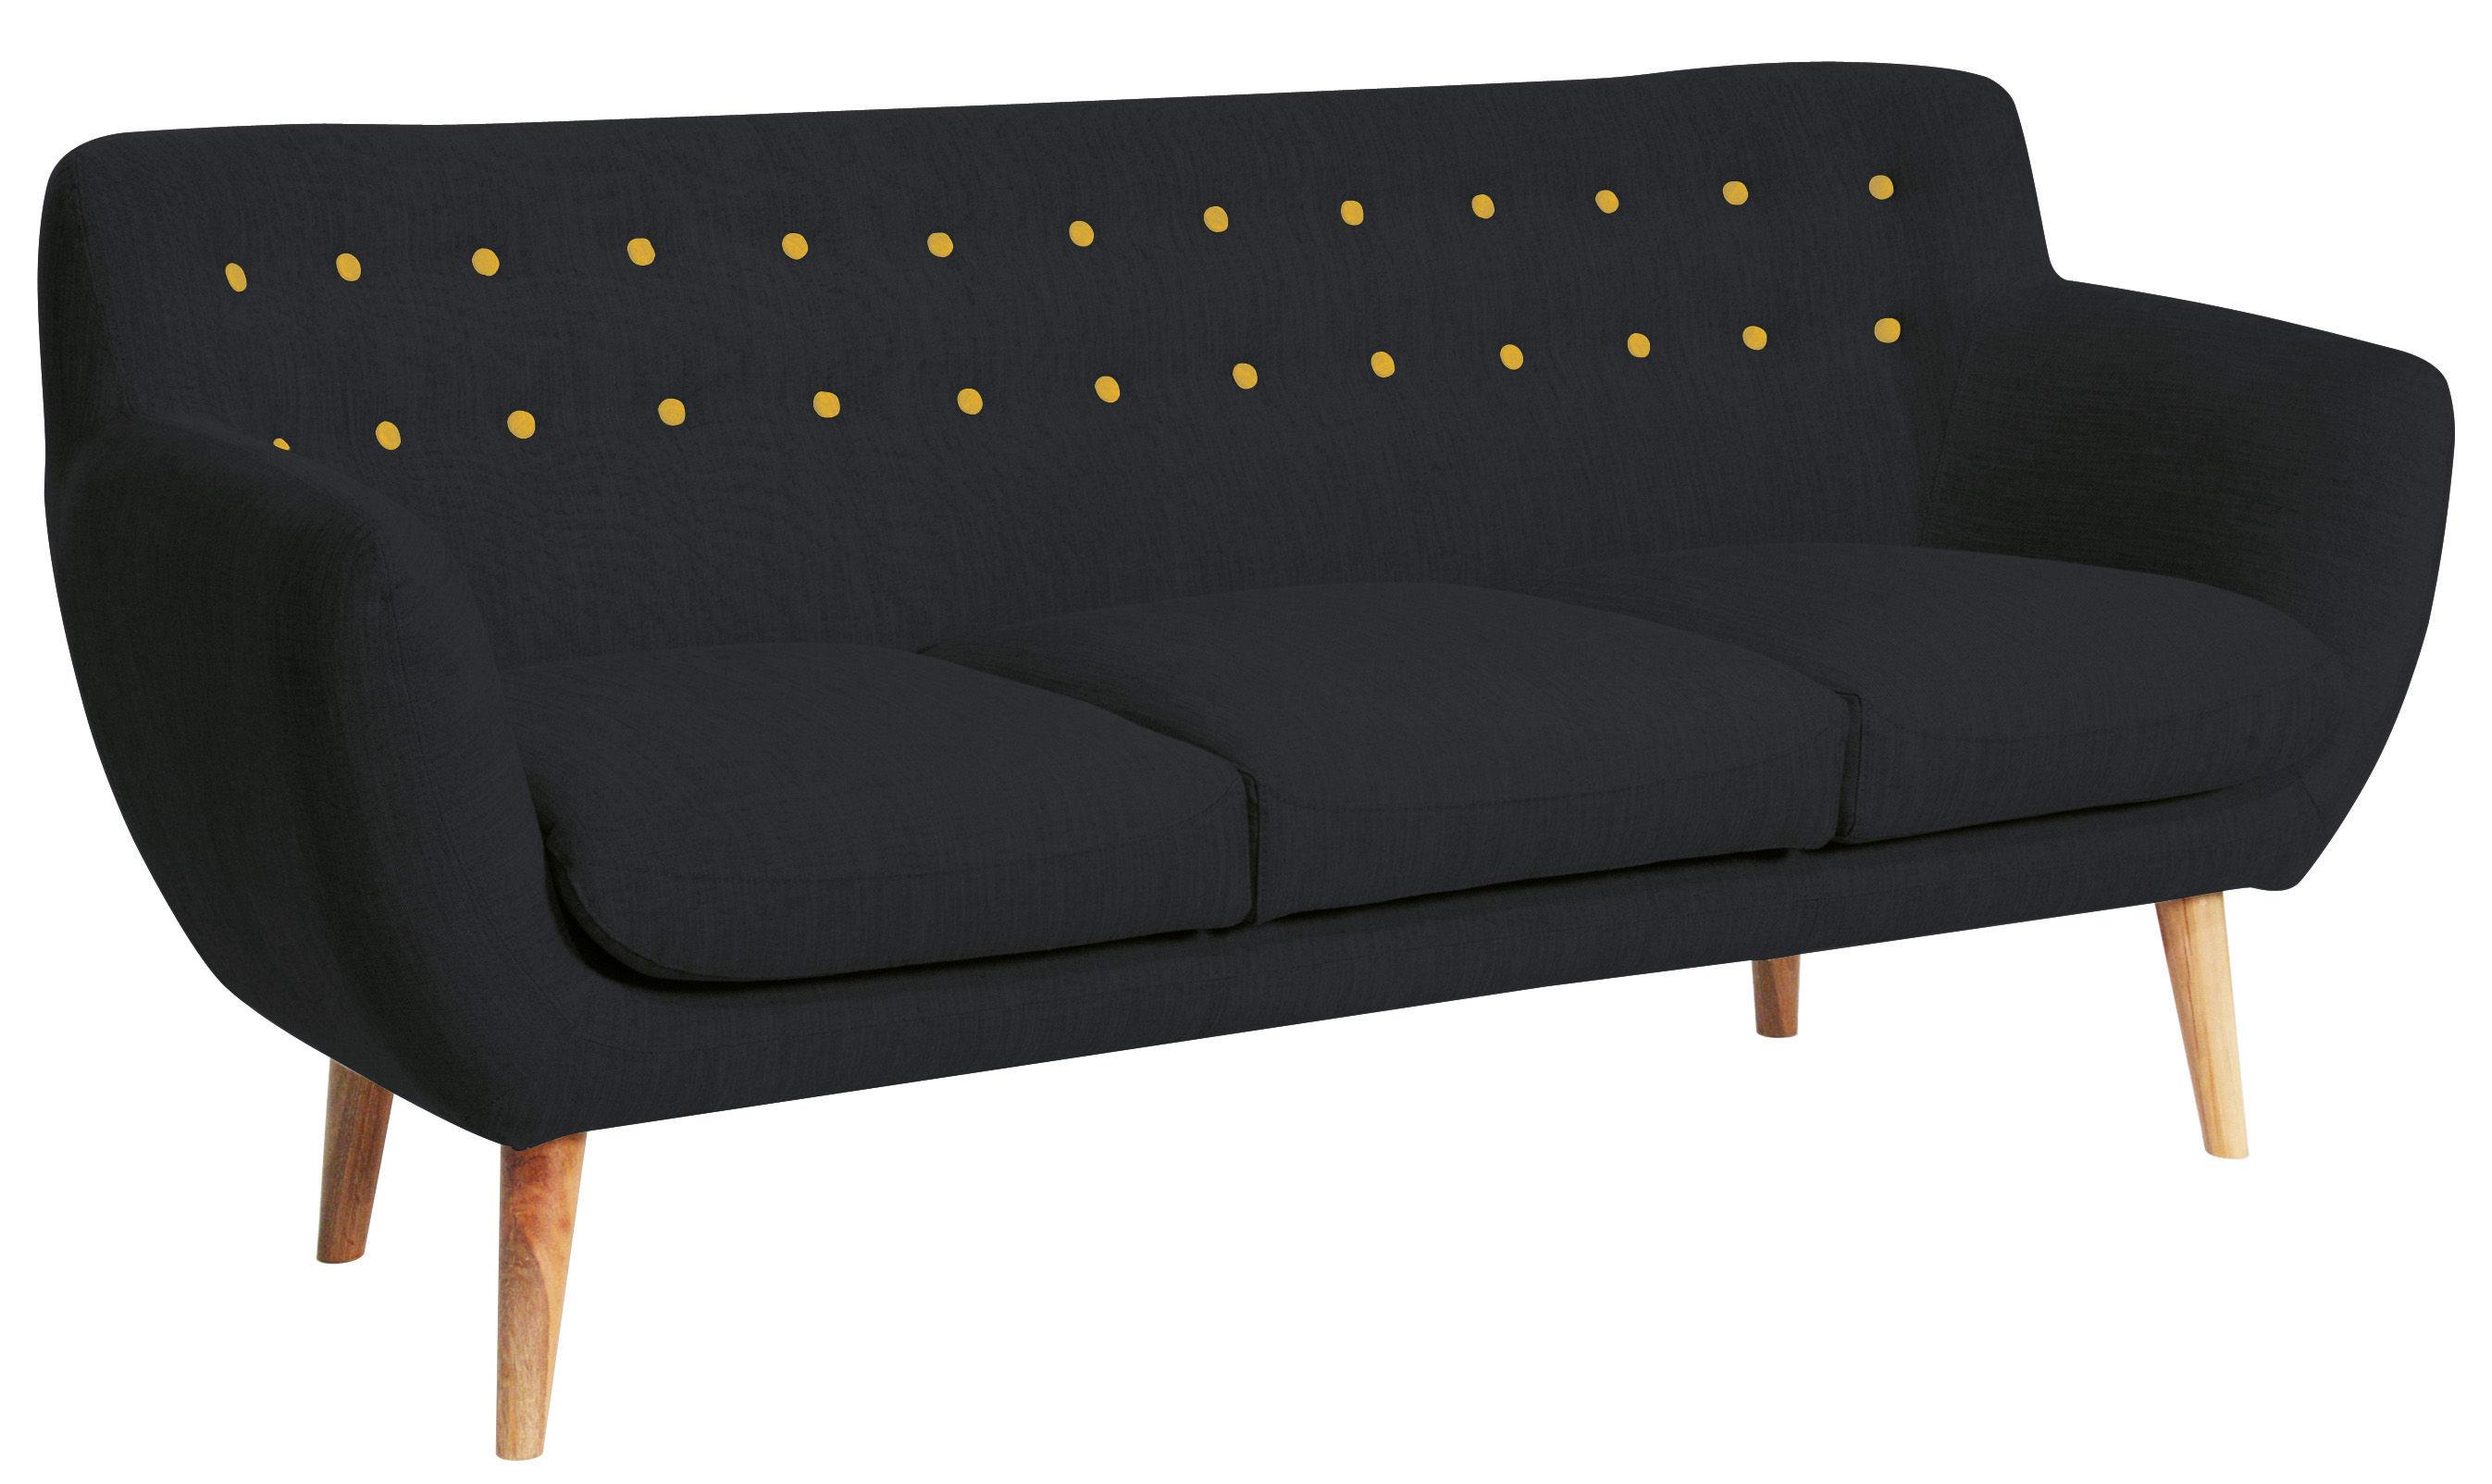 canap droit coogee 3 places l 181 cm noir de jais boutons jaune citron sentou edition. Black Bedroom Furniture Sets. Home Design Ideas